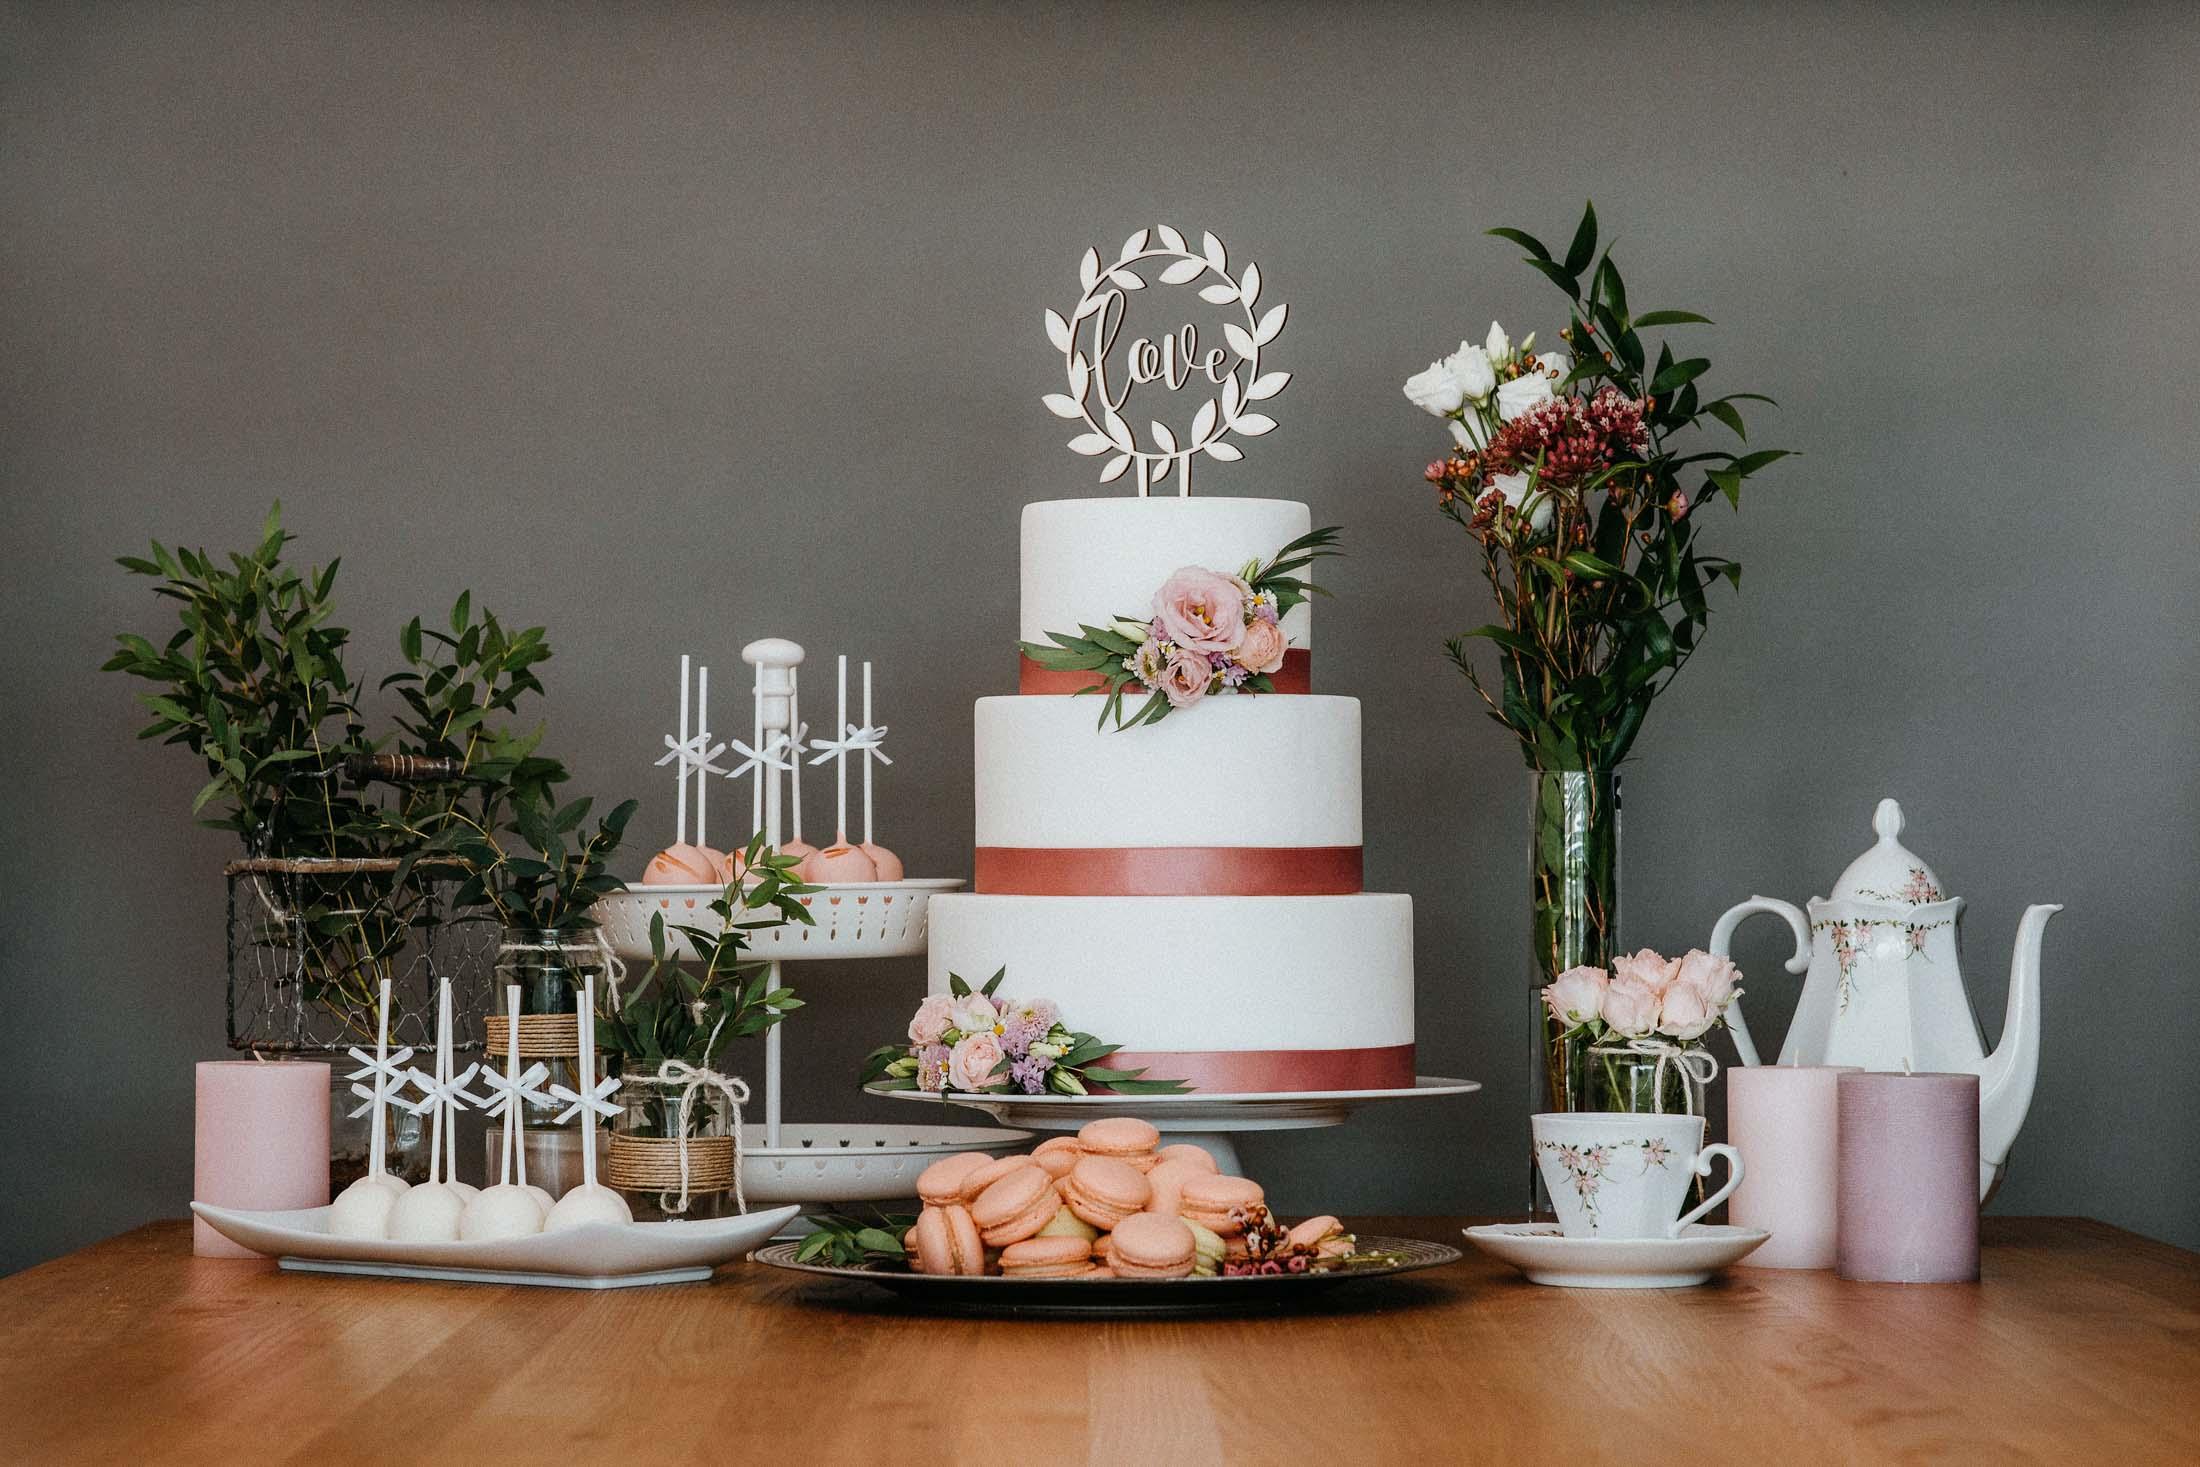 Hochzeitstorten & Co von Bettina Breinesberger